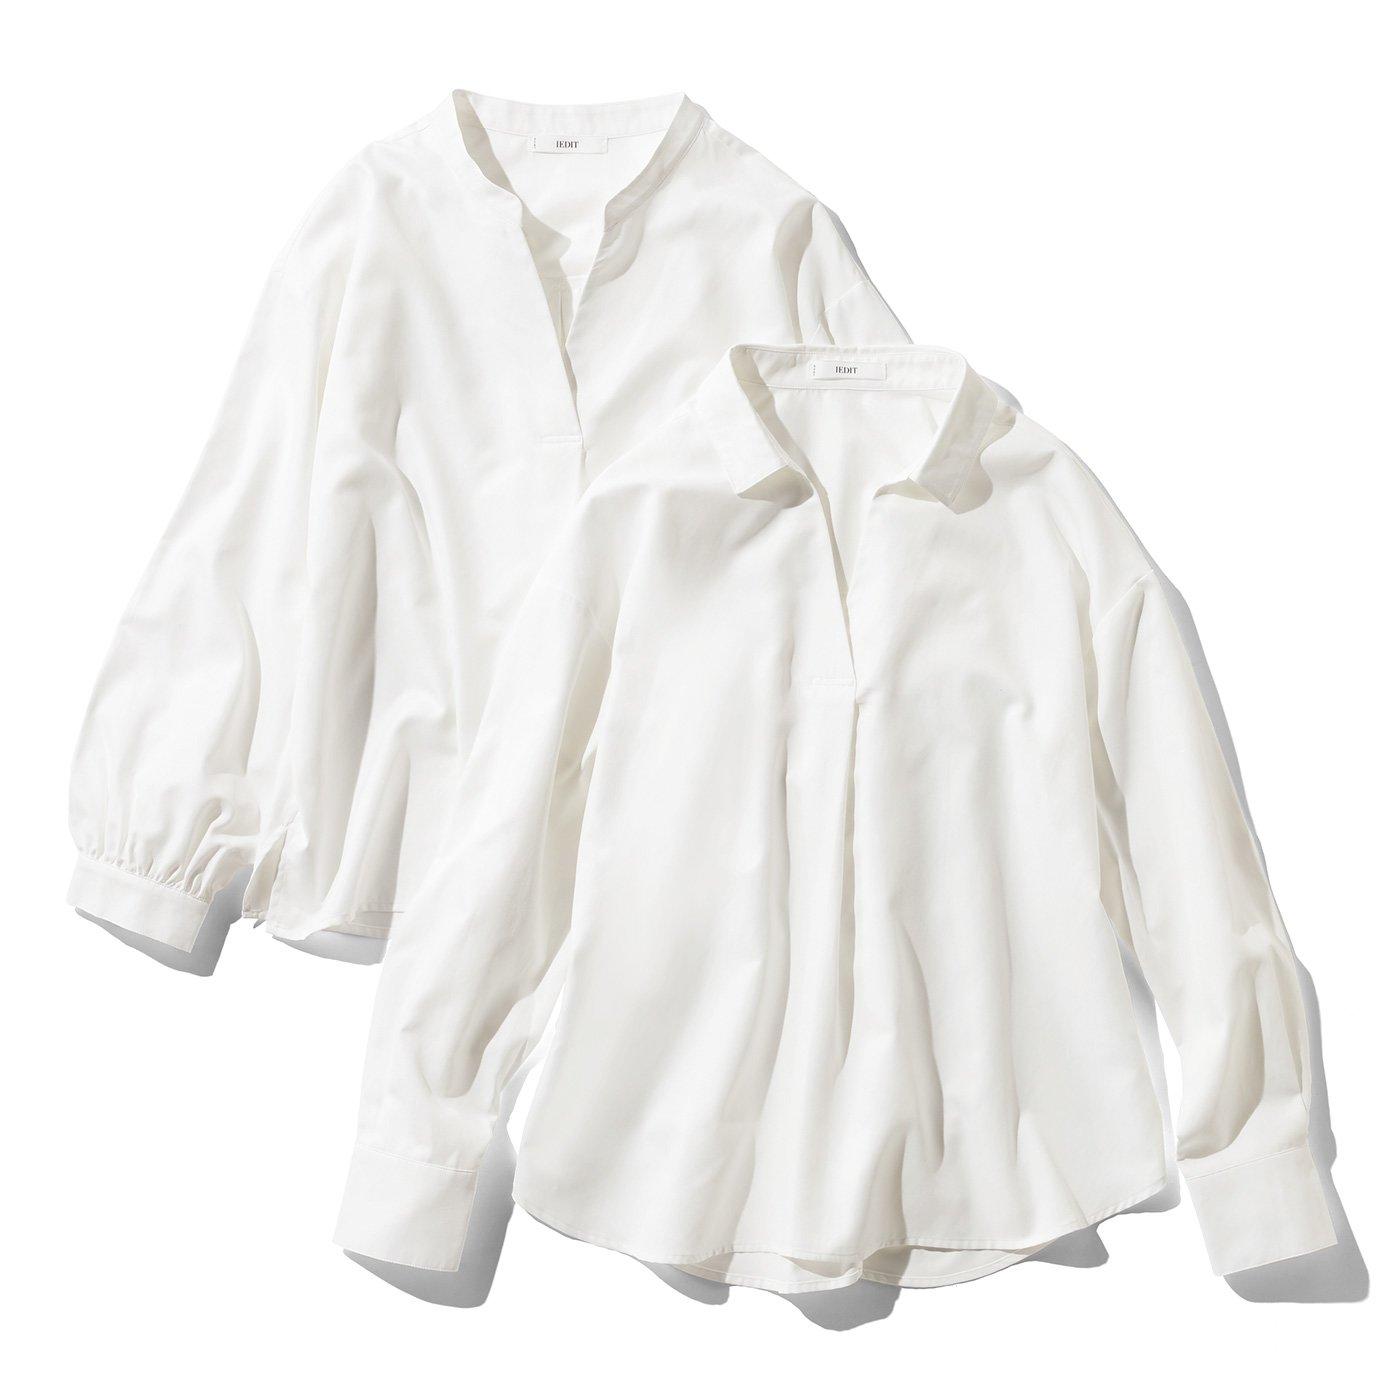 IEDIT[イディット] UVカット&防汚加工!クレバー素材のプルオーバーデザインシャツの会〈オフホワイト〉